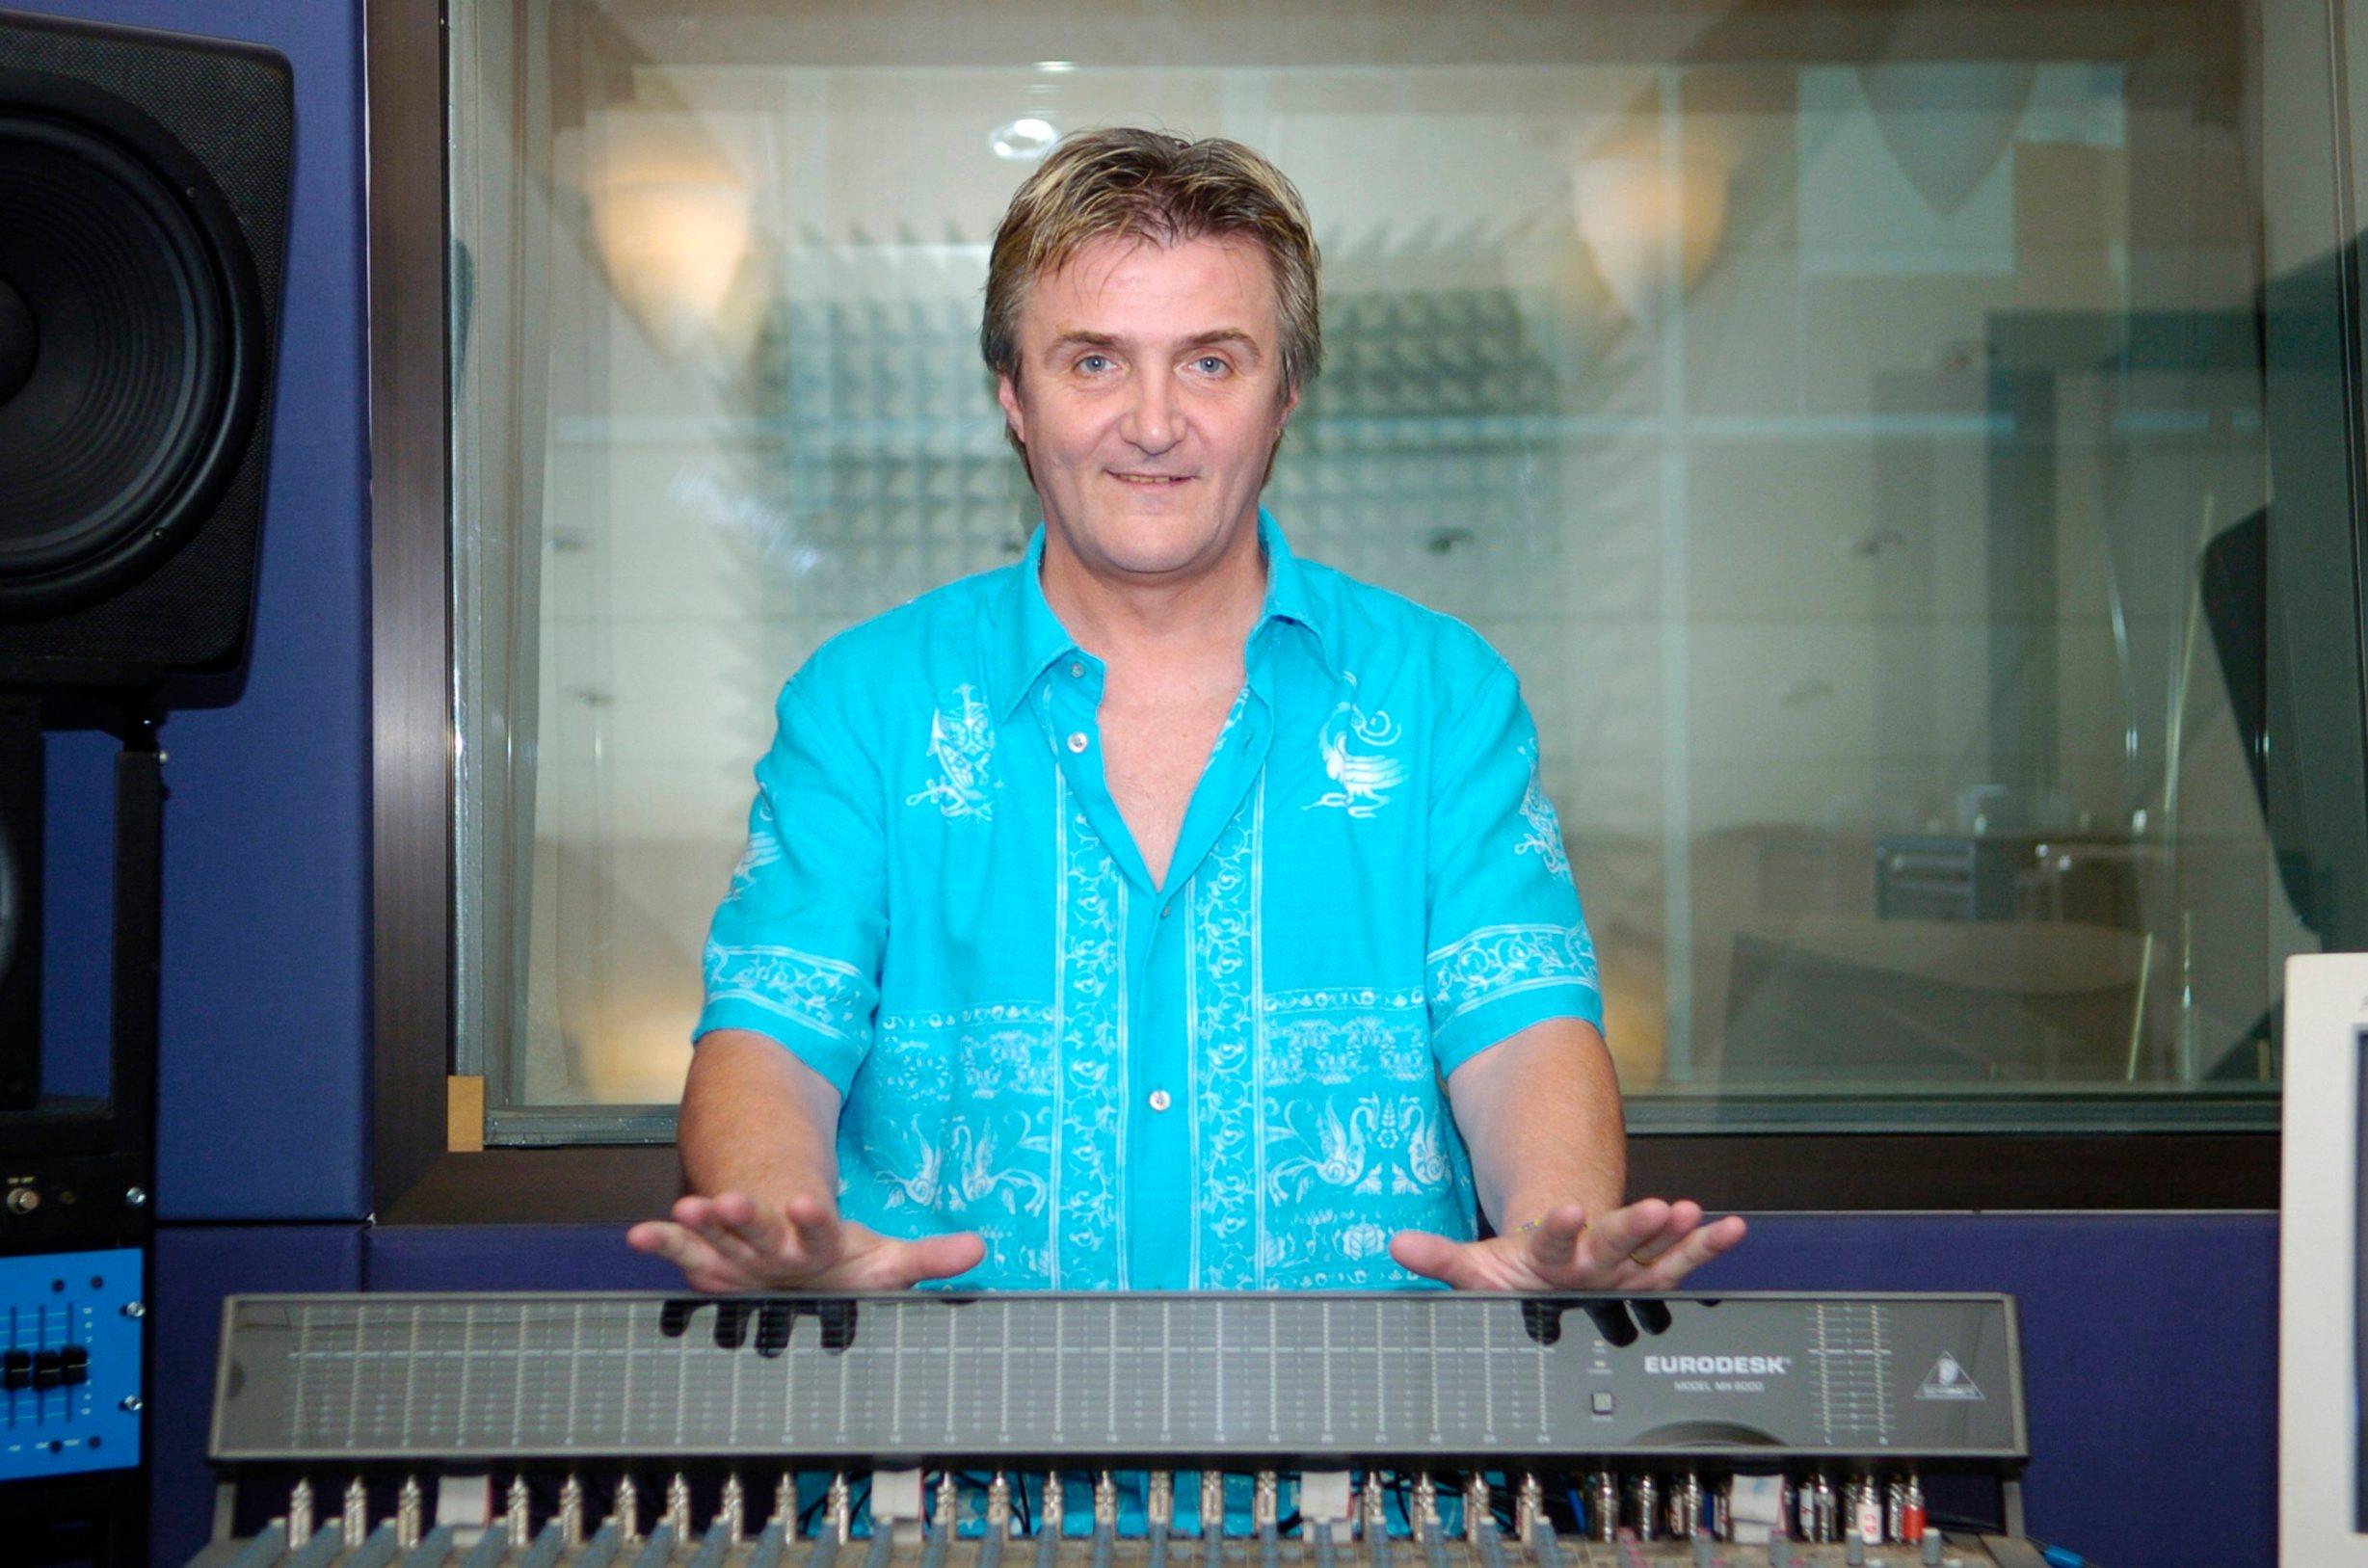 zagreb, 080705 rajko dujmic u studiju truli snimio goran mehkek -studio-